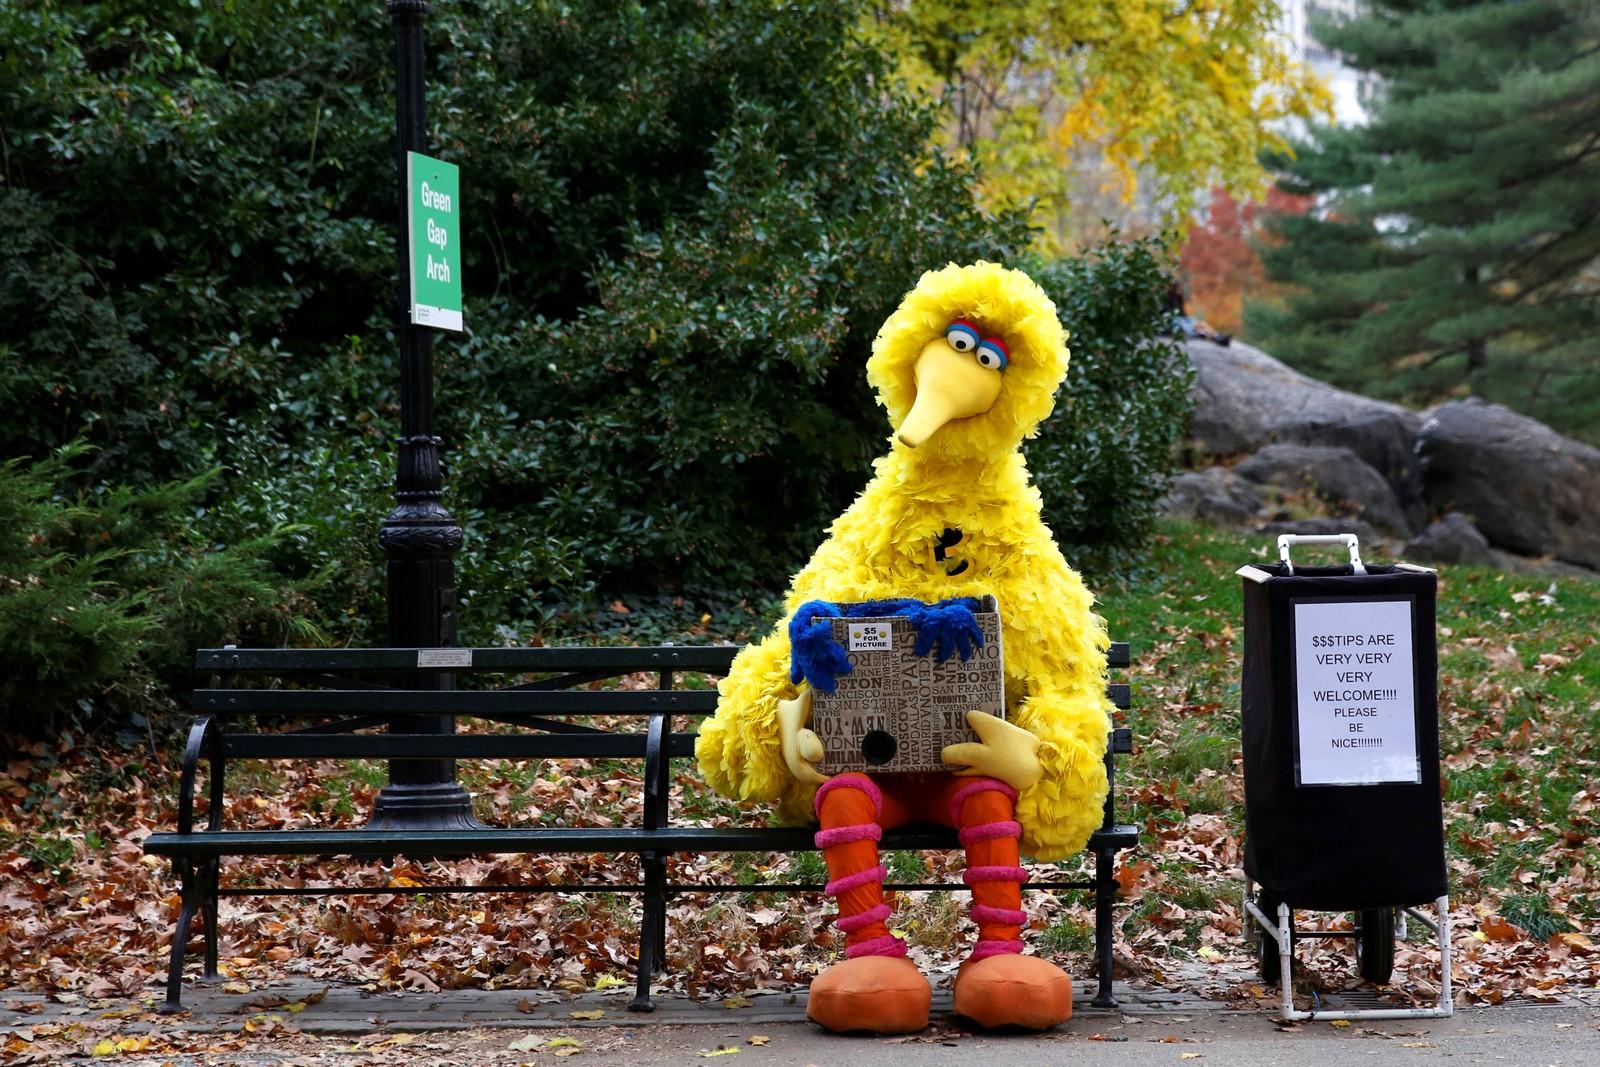 Litt trist? En mann kledd ut som Big Bird fra Sesame Street sitter i en park og håper at noen vil ta et bilde med han.